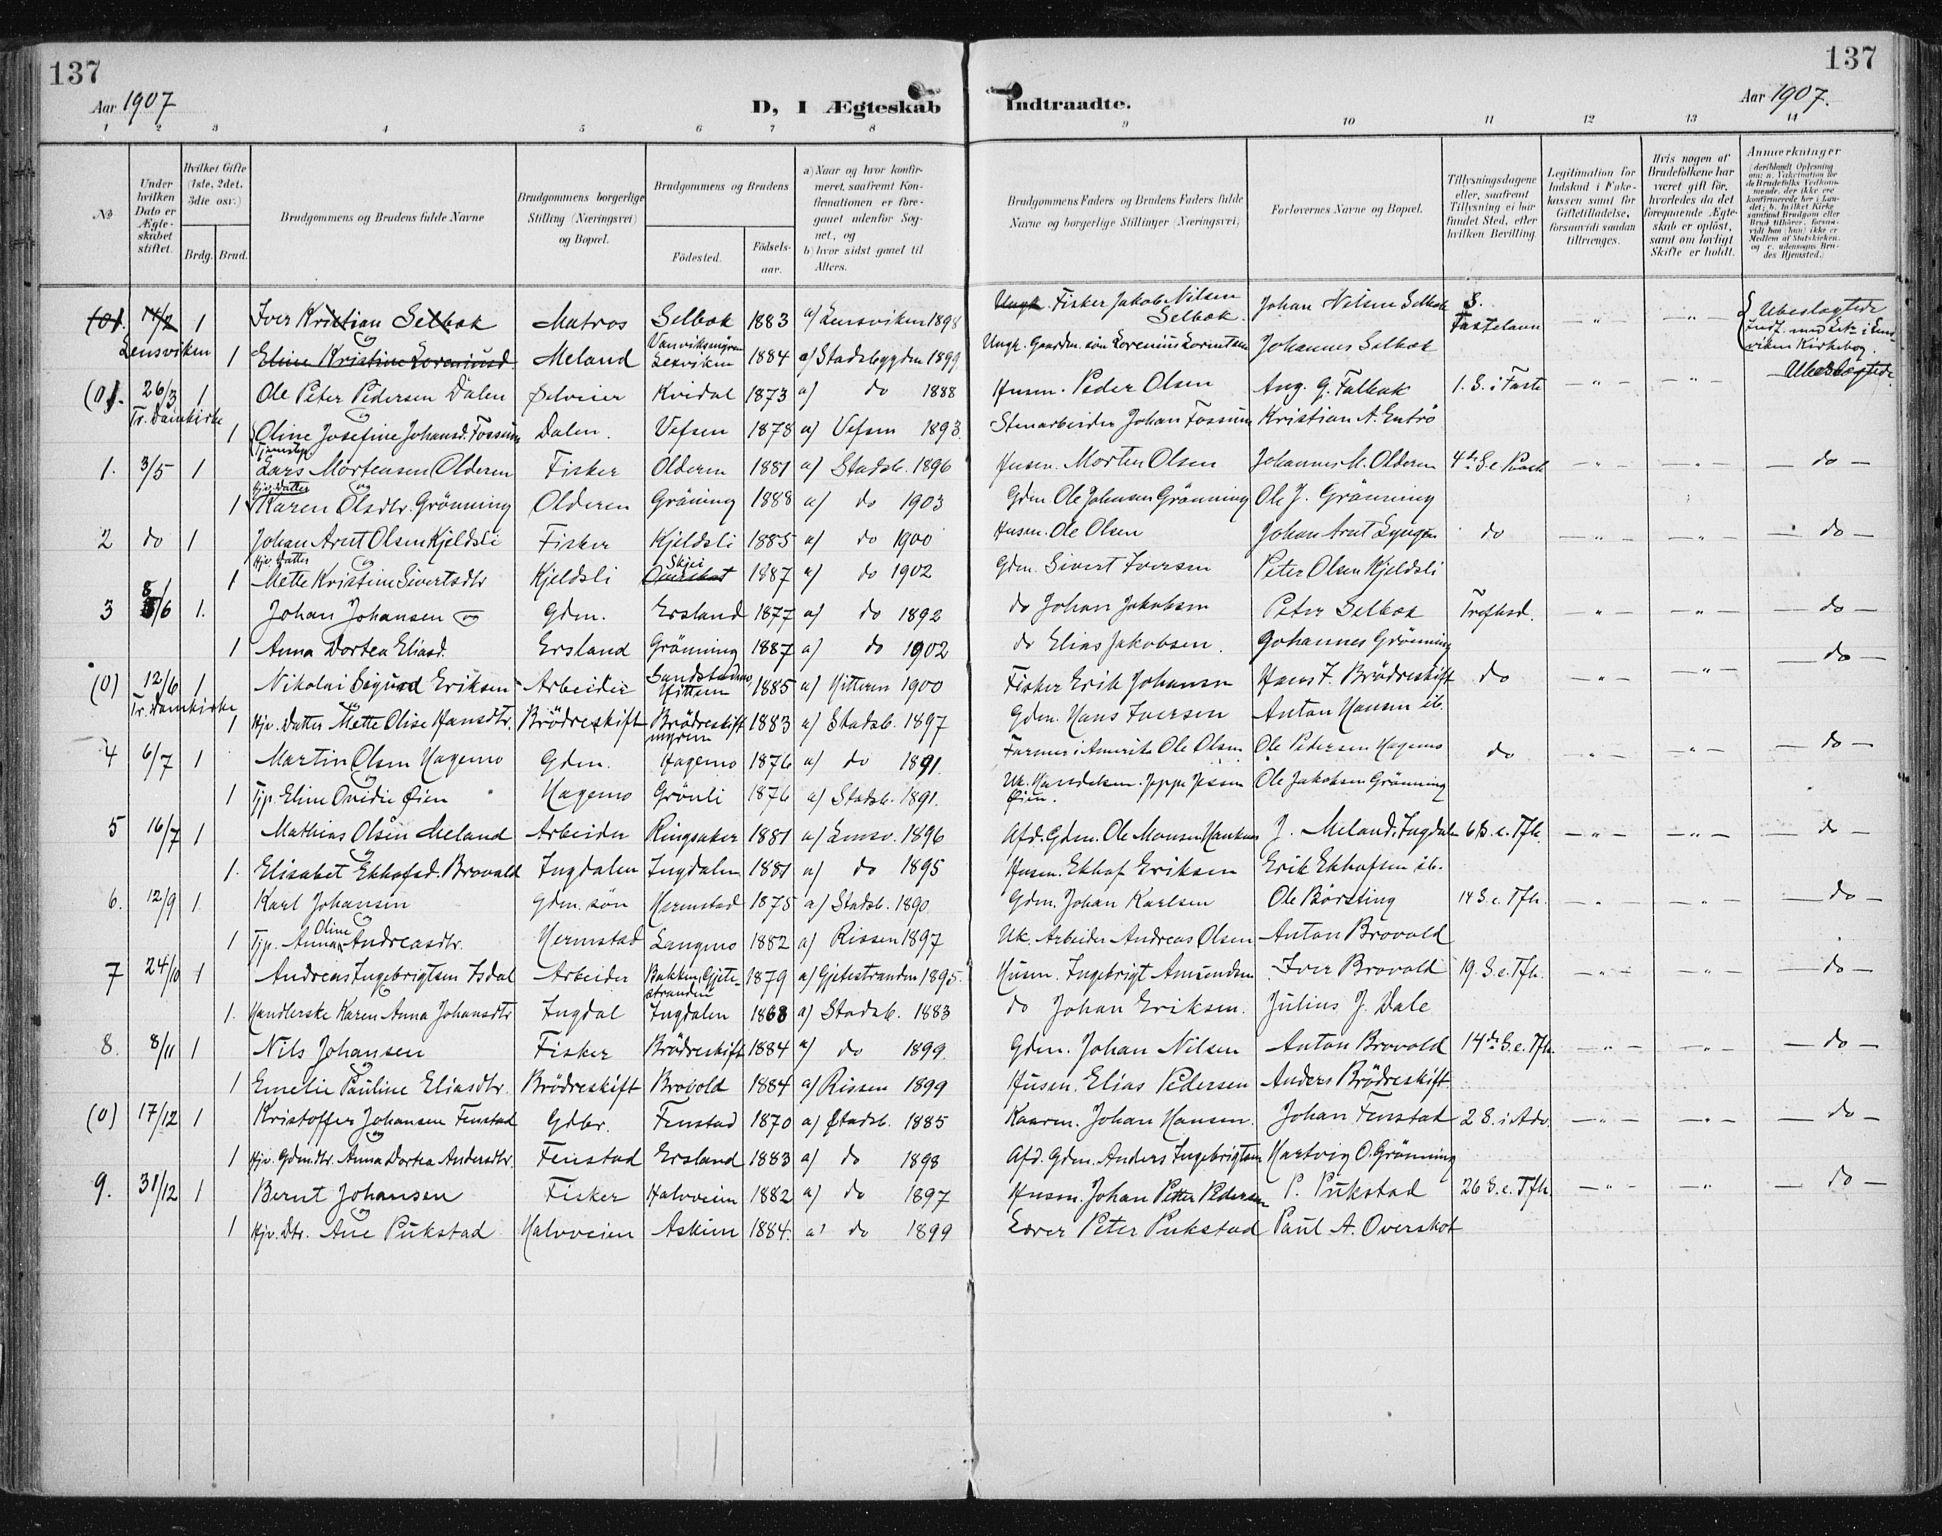 SAT, Ministerialprotokoller, klokkerbøker og fødselsregistre - Sør-Trøndelag, 646/L0616: Ministerialbok nr. 646A14, 1900-1918, s. 137